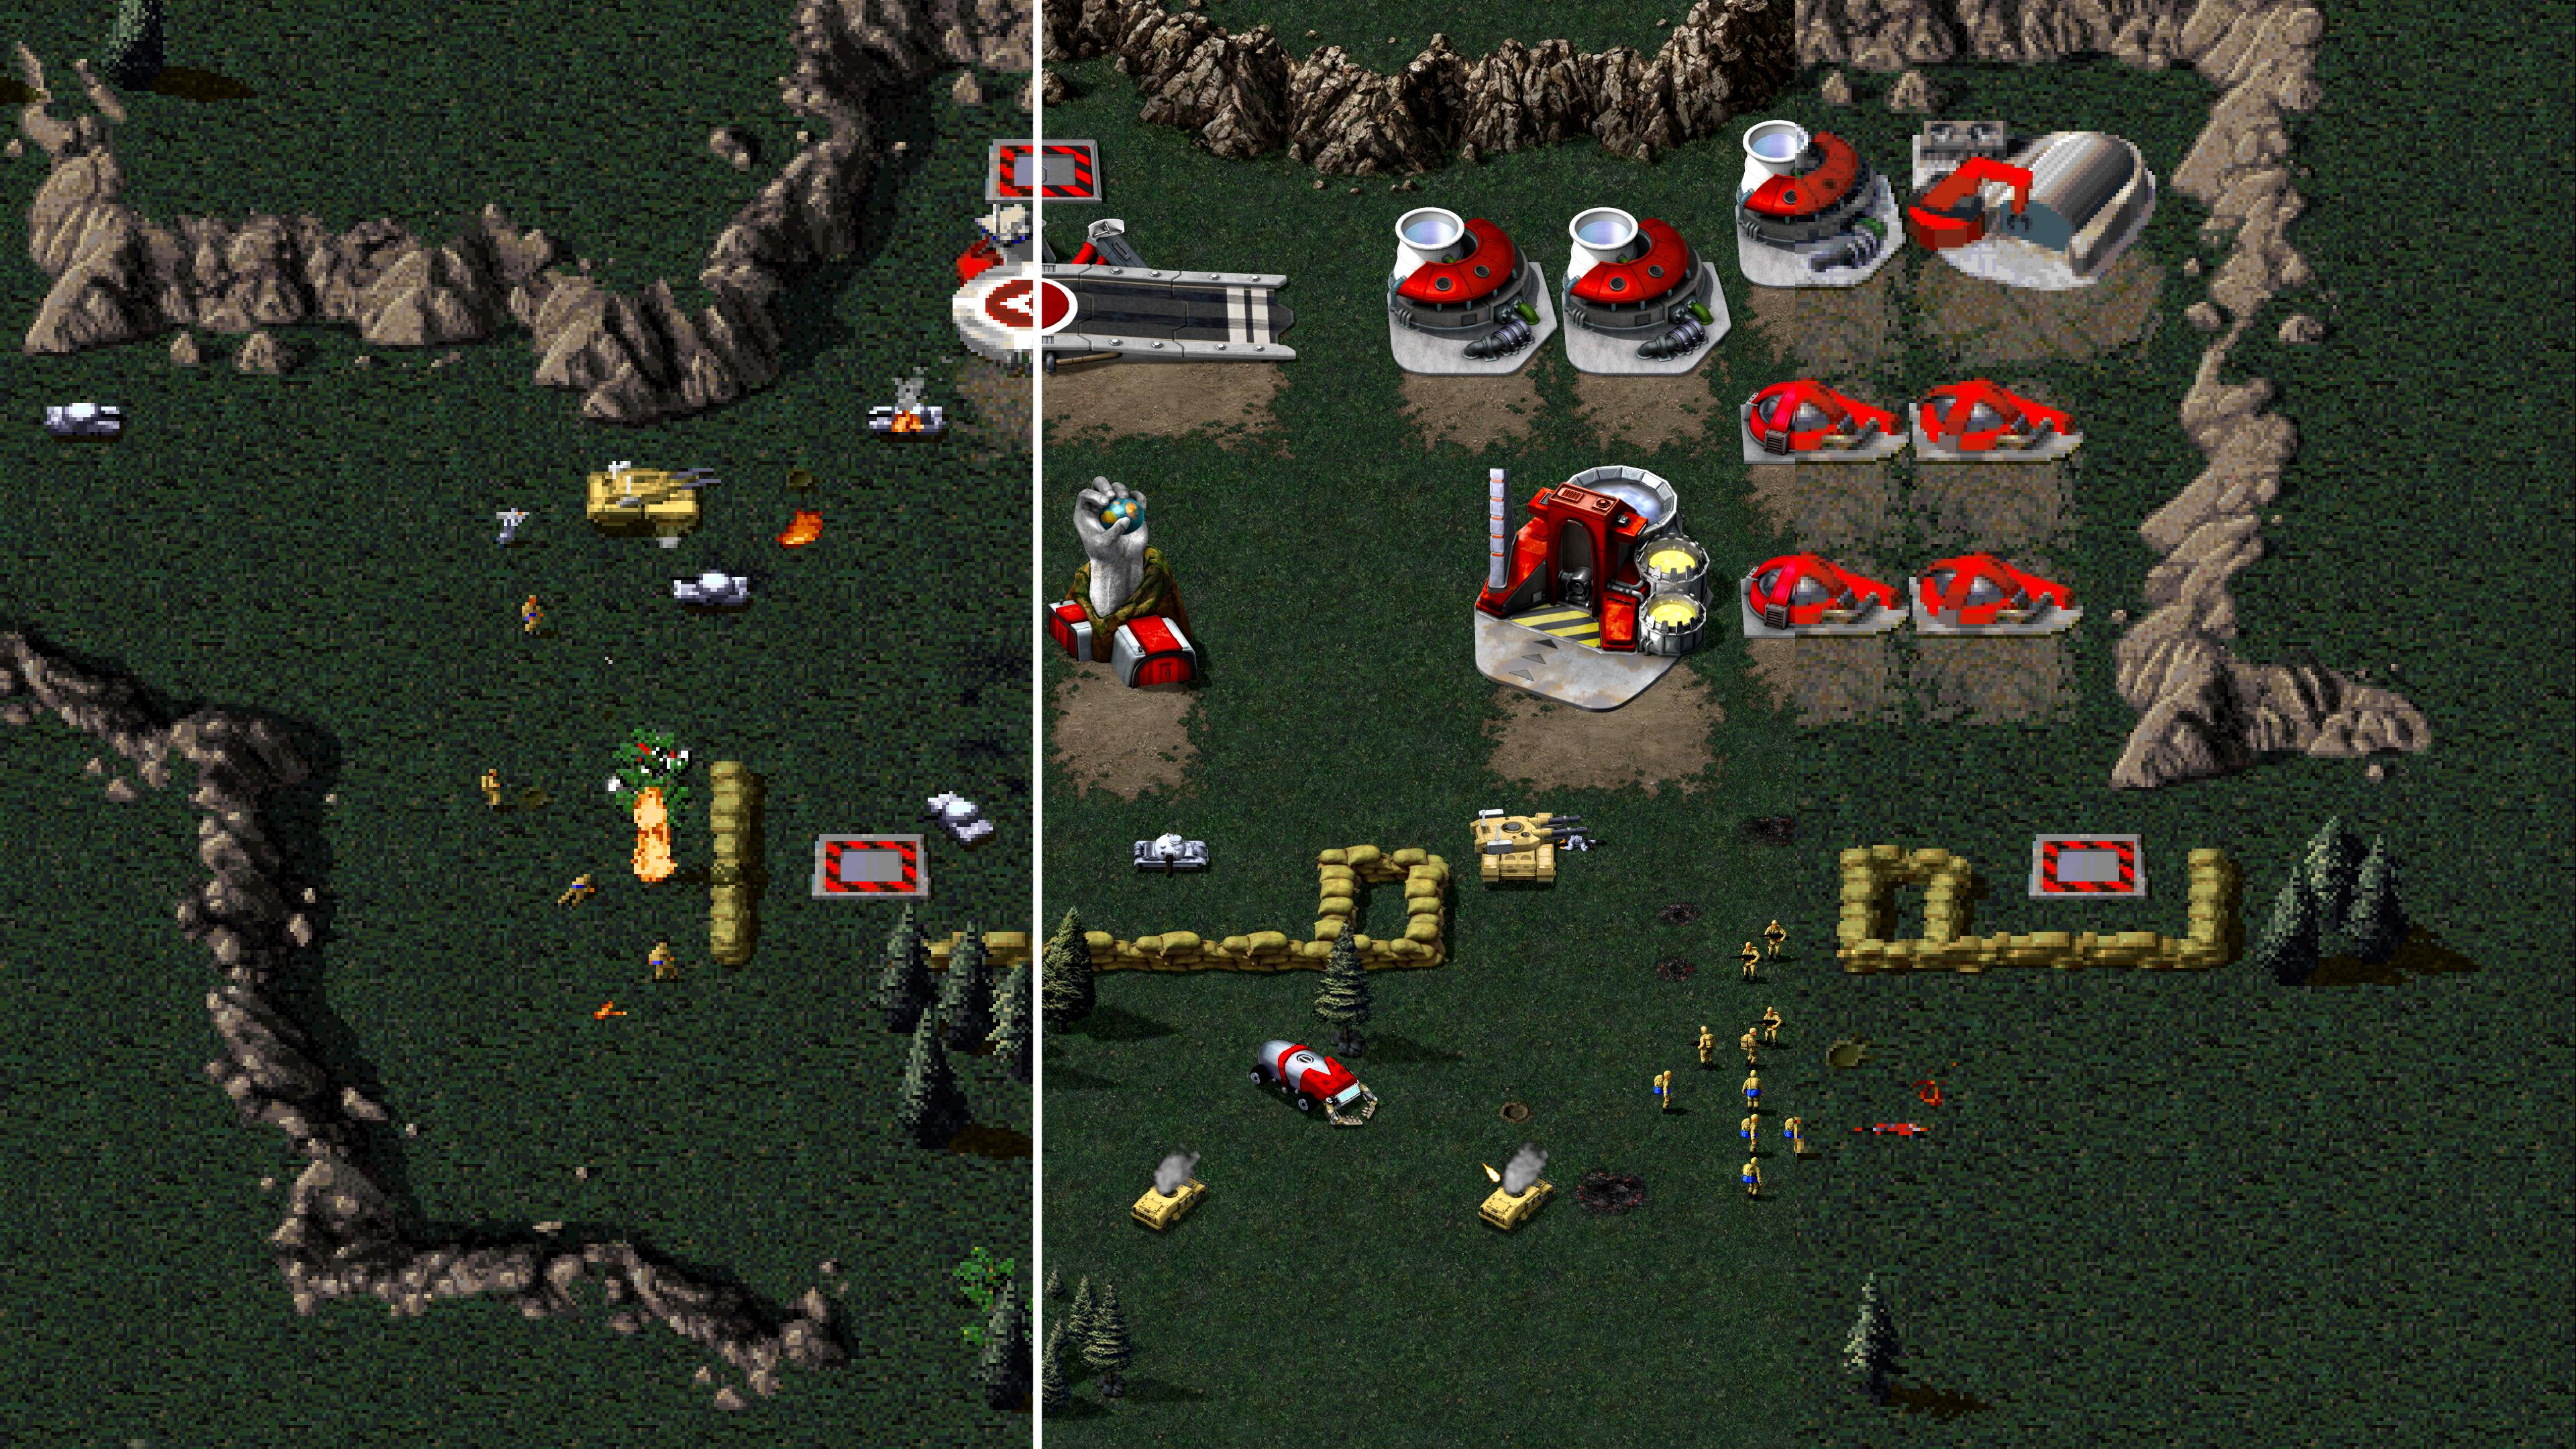 Les vétérans peuvent jouer avec le mode d'affichage classique, ou opter pour celui en résolution 4K